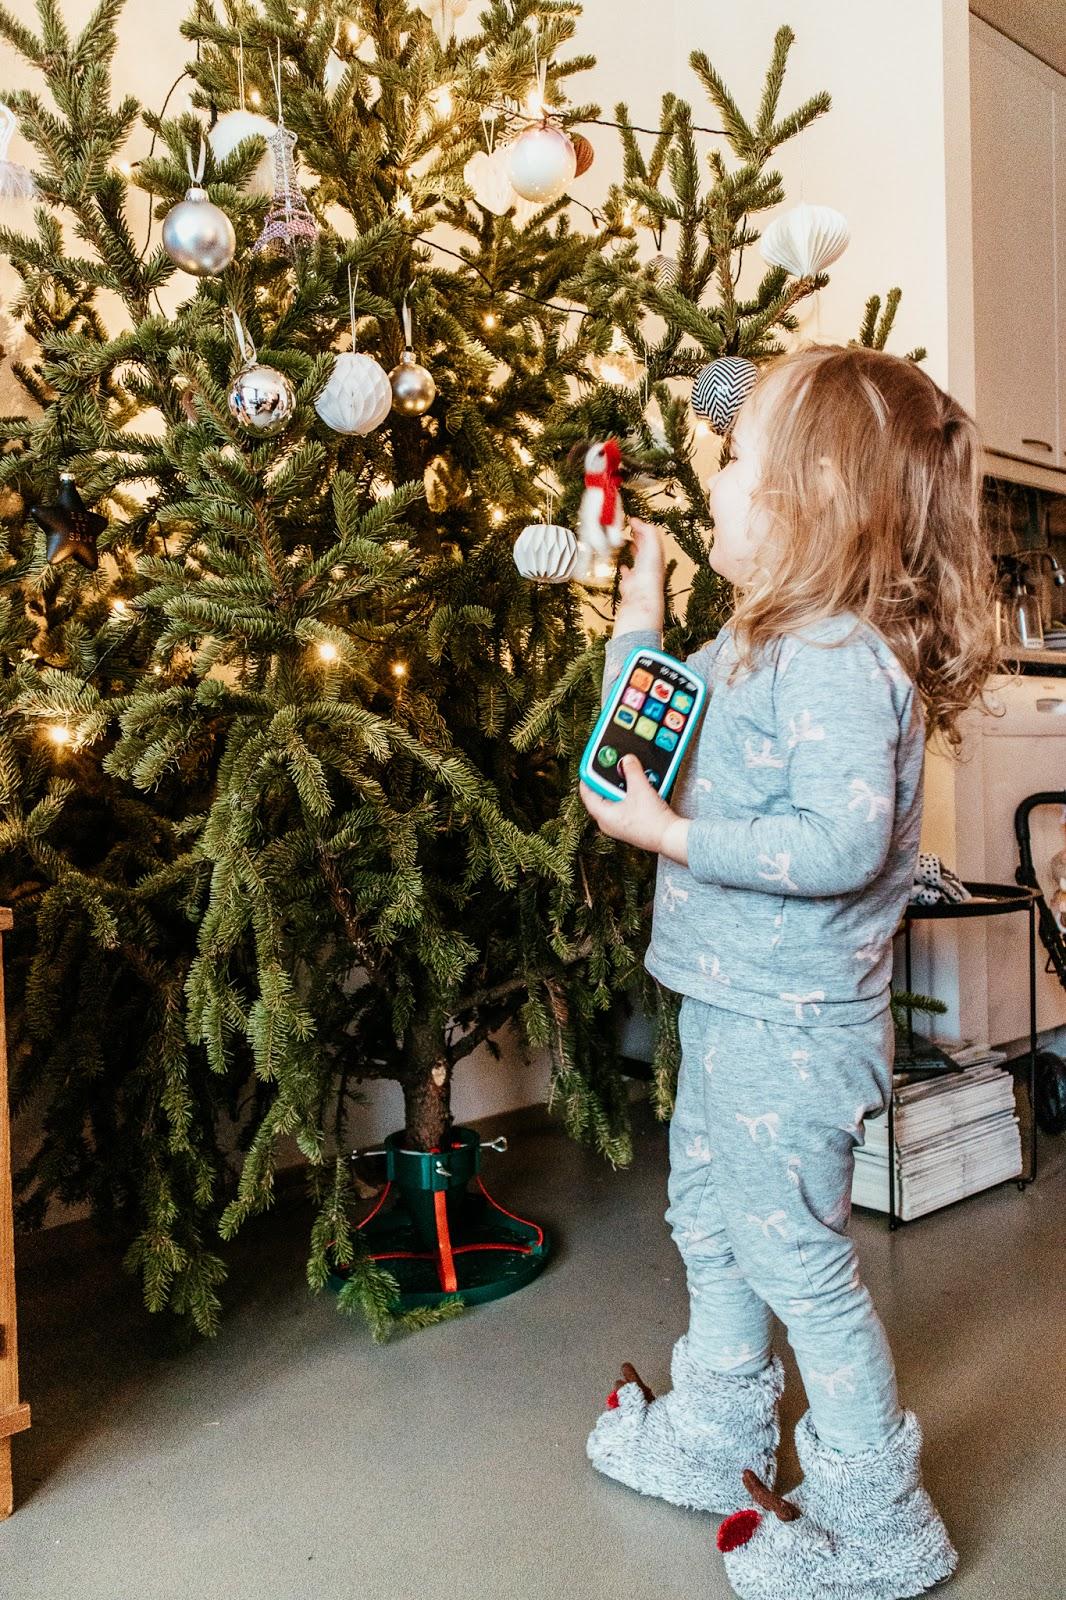 joulu, jouluaatto, joulukuusi, joulupäivä, lapsiperhe,